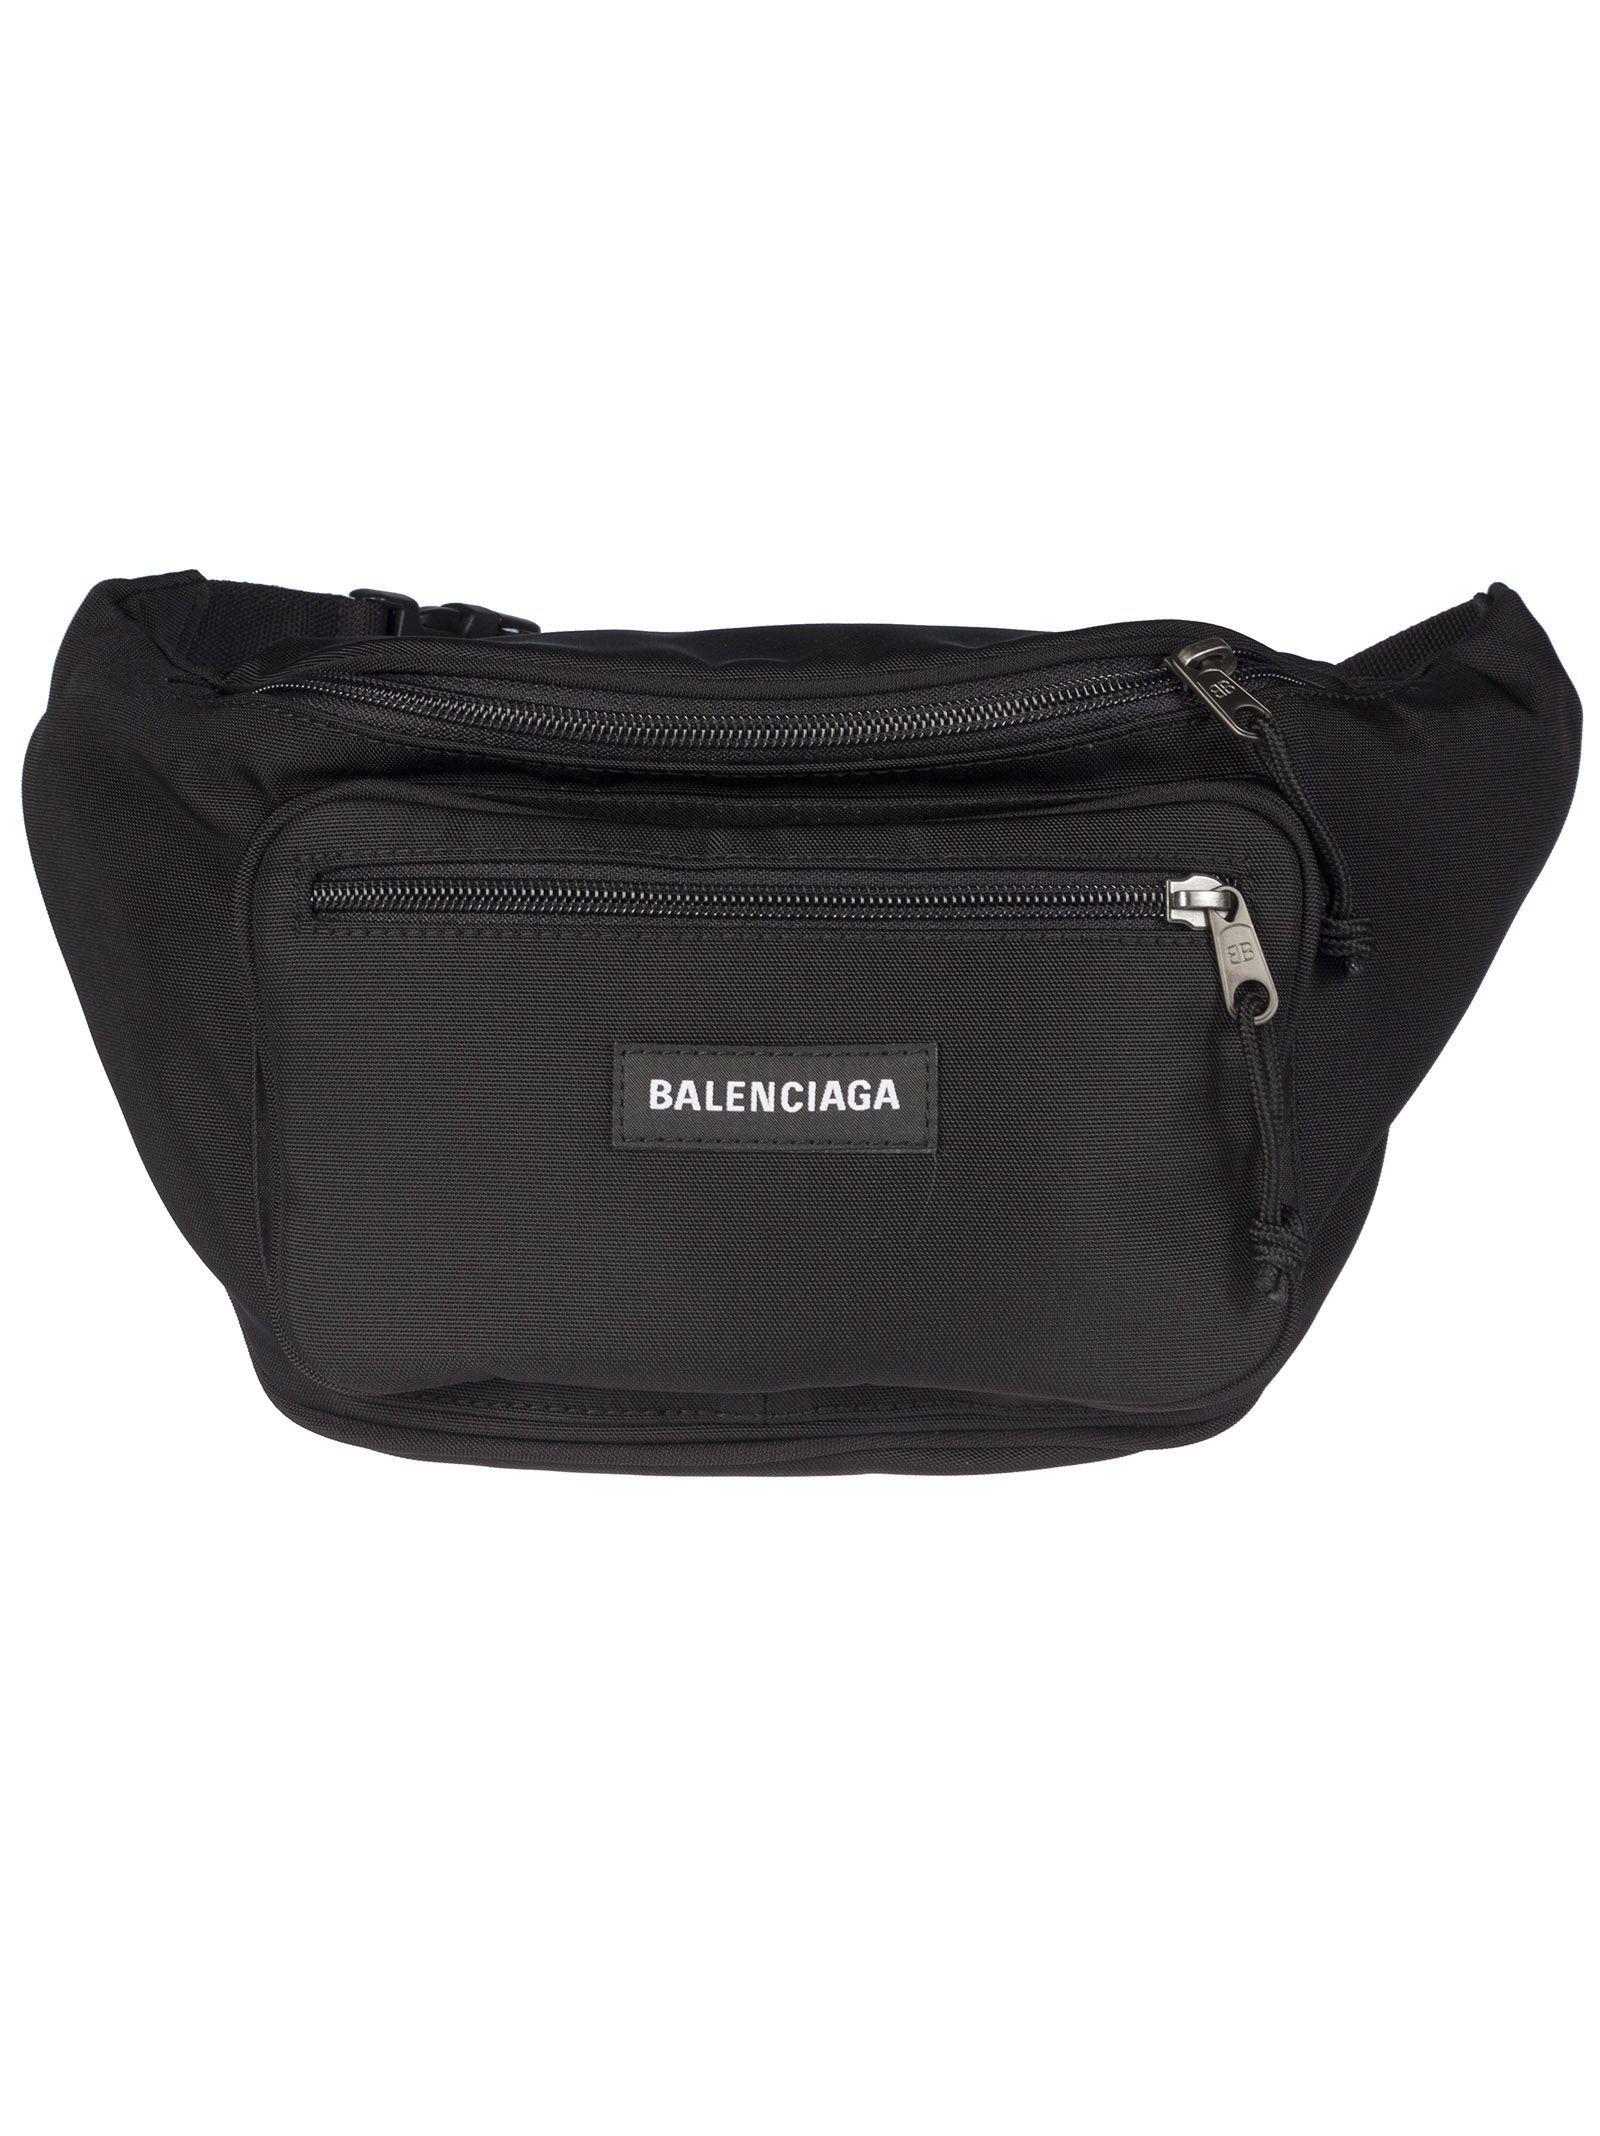 c70630938f BALENCIAGA EXPLORER BELT BAG.  balenciaga  bags  belt bags  nylon ...